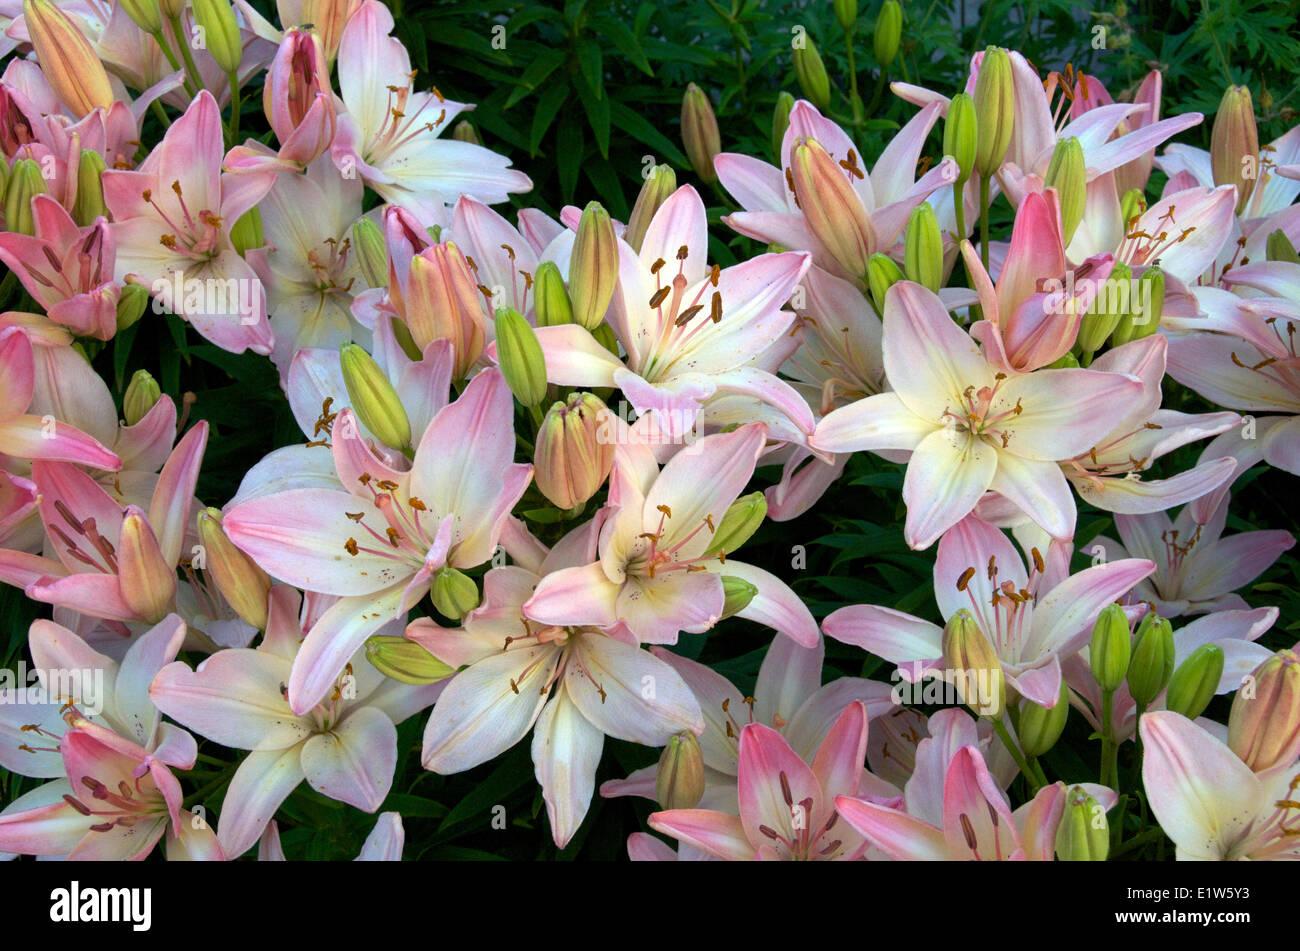 Blühende inländische asiatische Lilien im Garten.  Nordontario; Kanada. Stockbild